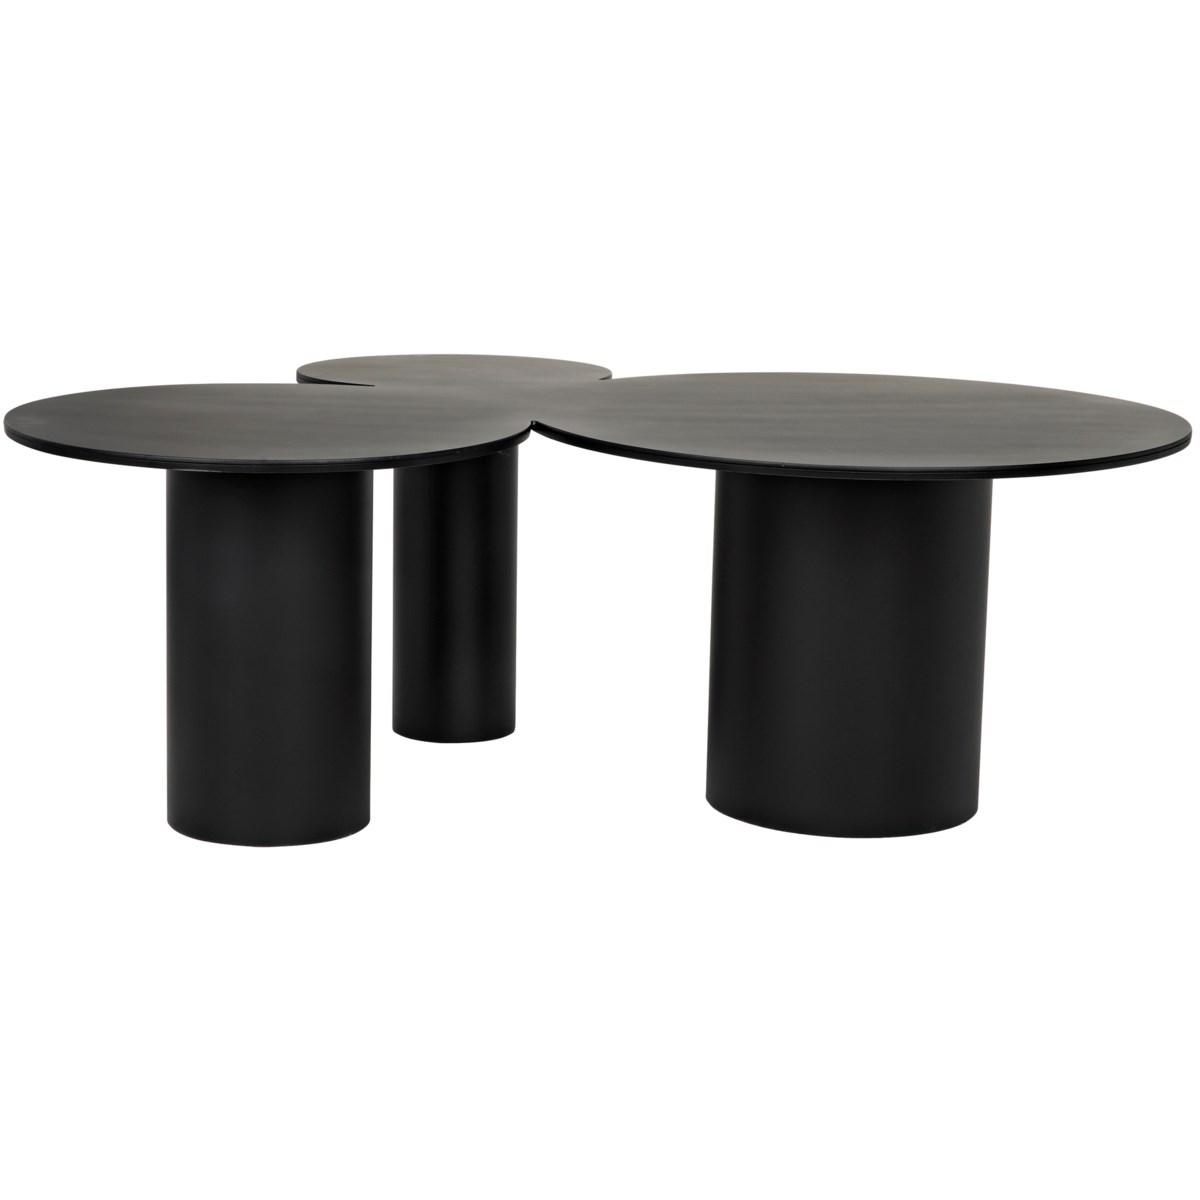 Shield Coffee Table, Black Metal